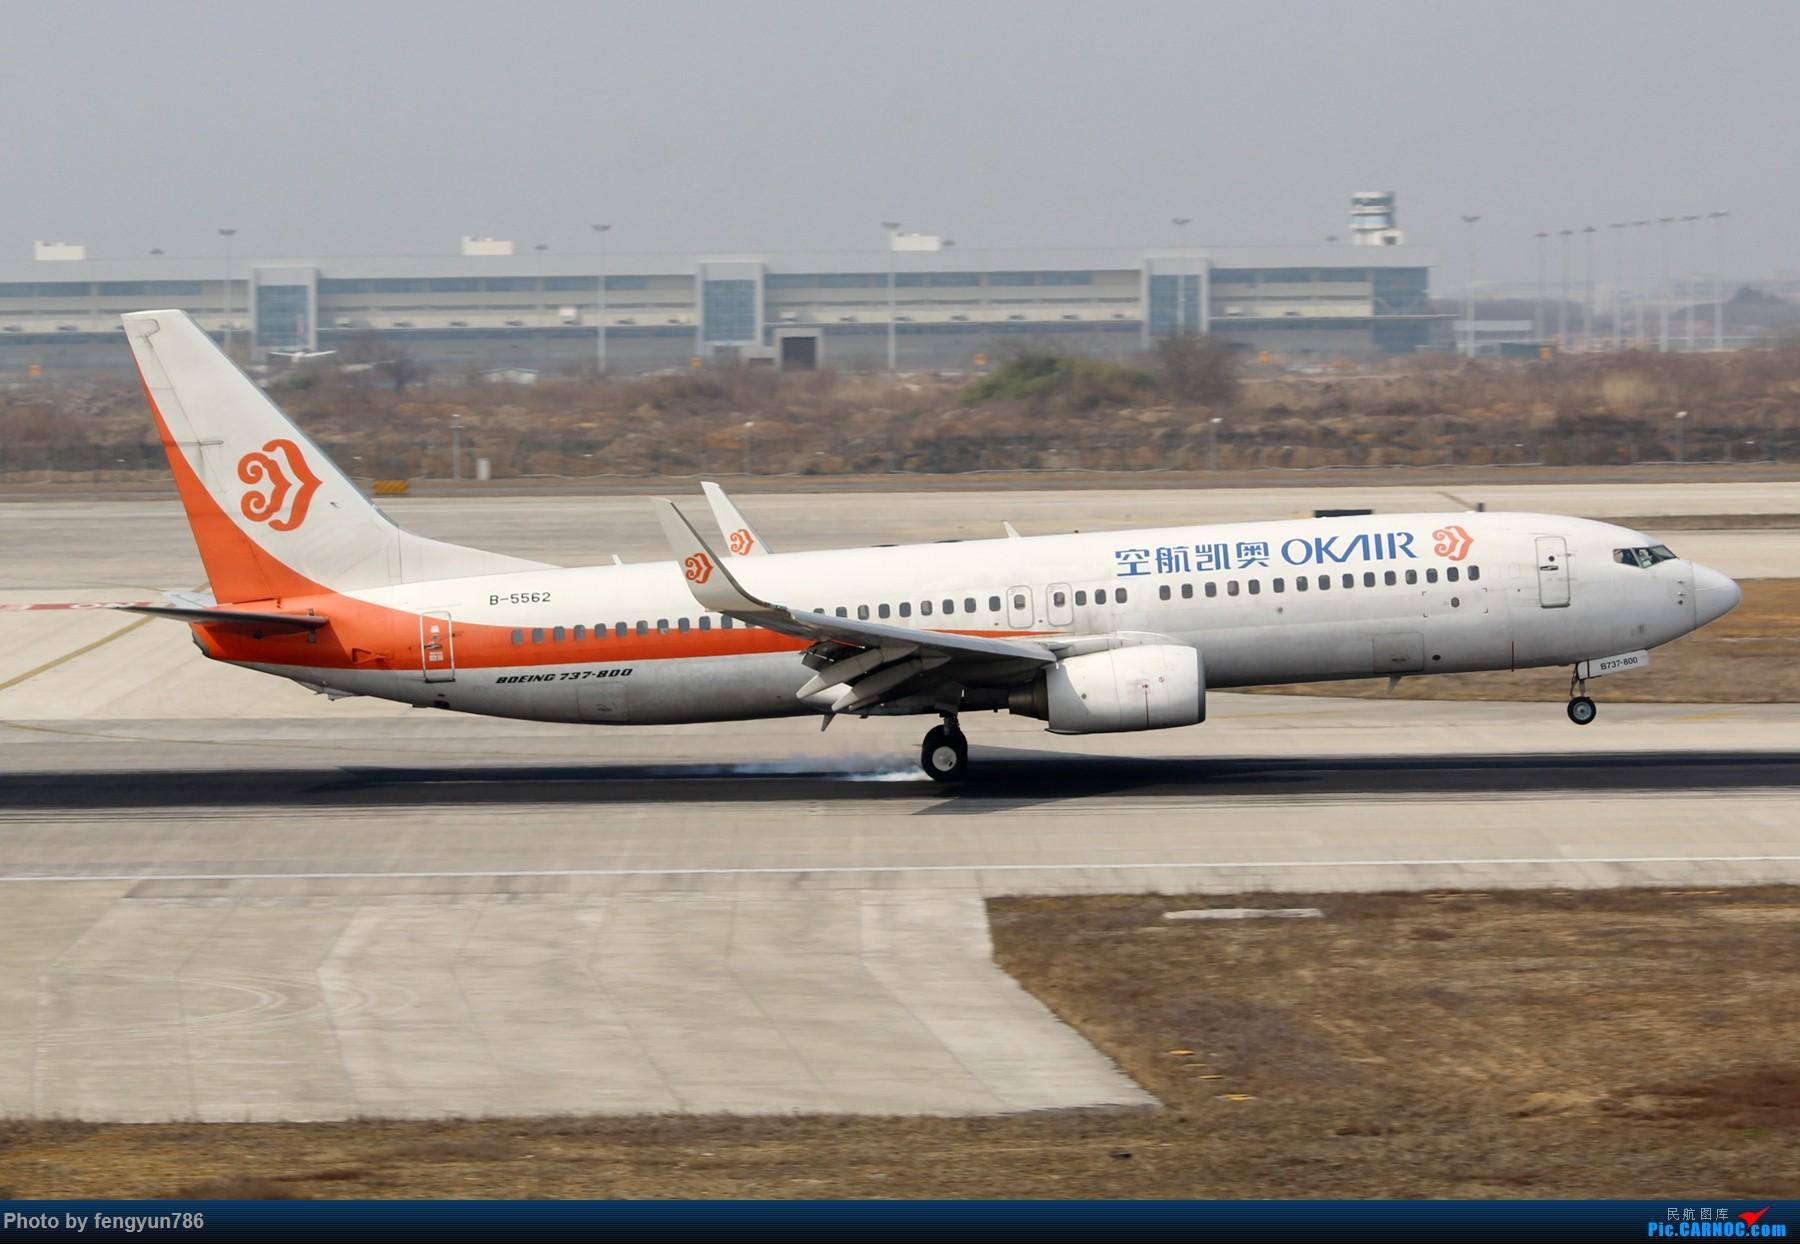 Re:[原创]NKG跑道边两小时,擦烟反推,星星邮戳都有了 BOEING 737-800 B-5562 中国南京禄口国际机场